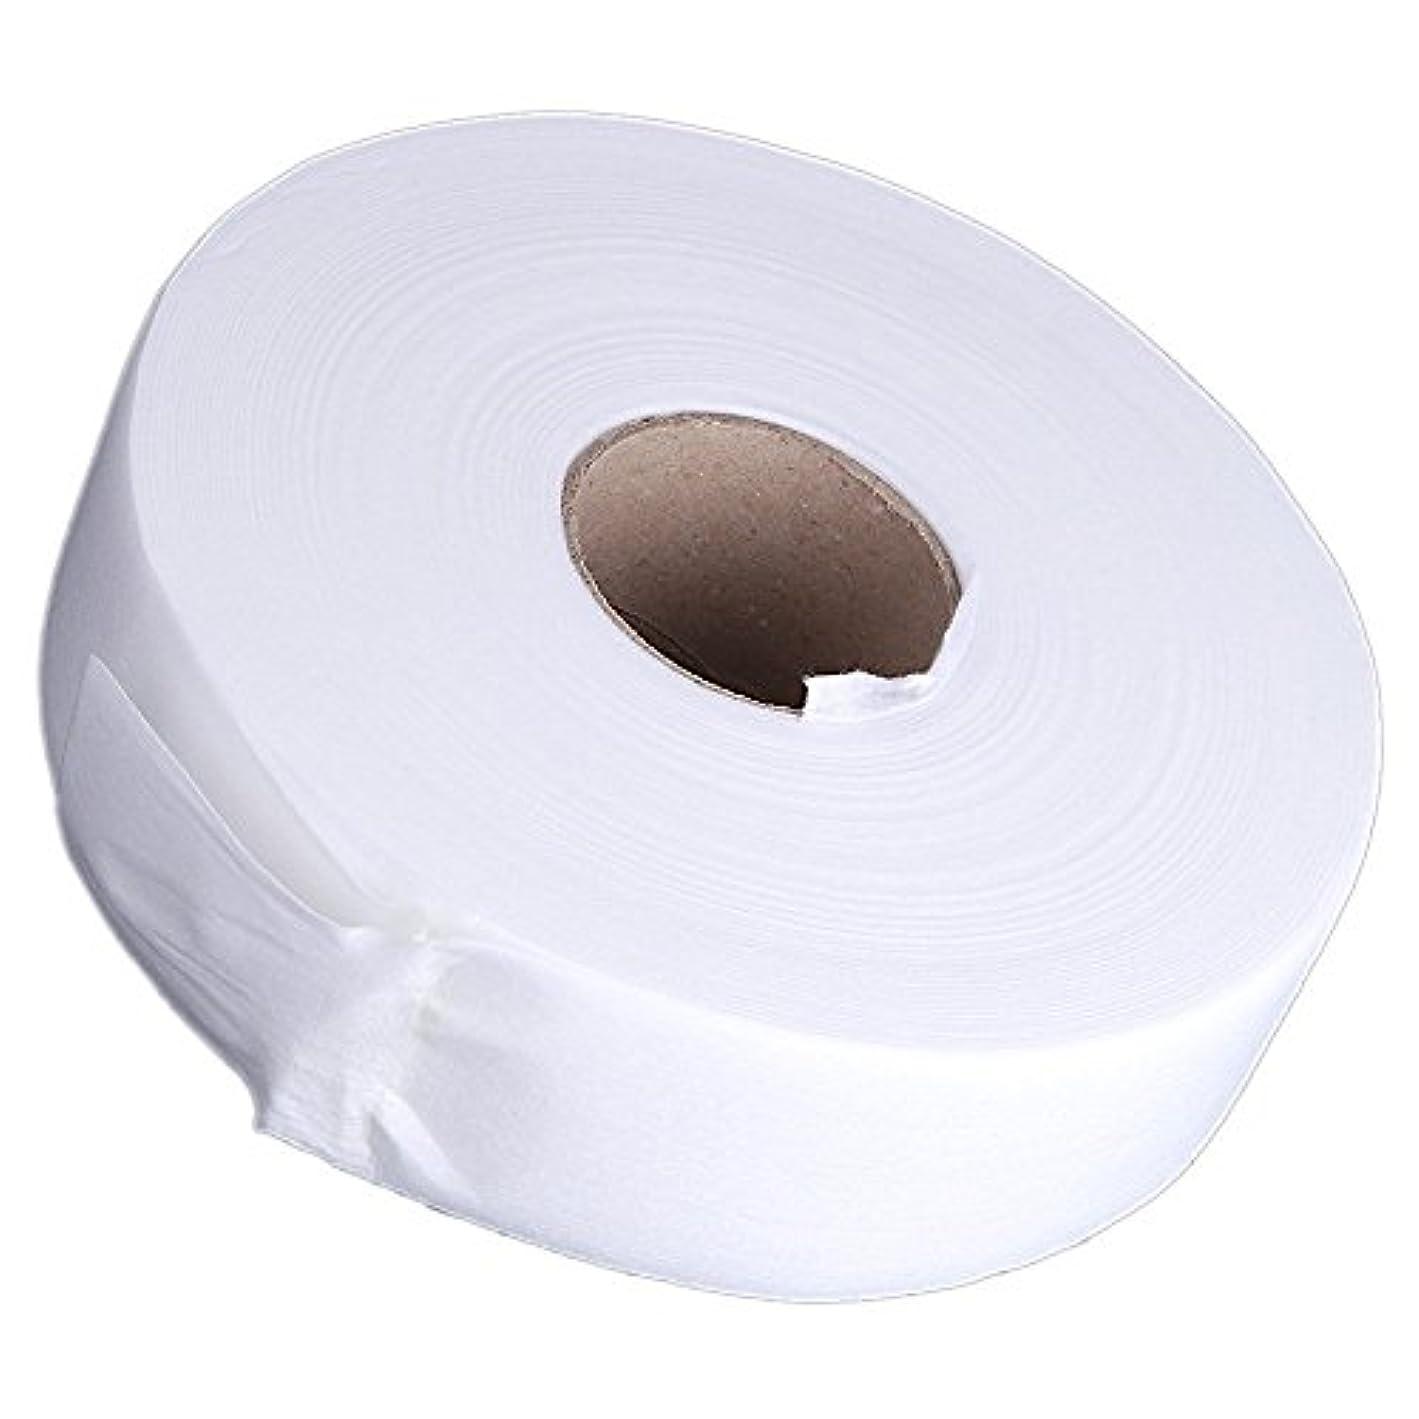 驚き重要な役割を果たす、中心的な手段となる機構SODIAL 100ヤードの脱毛紙脱毛ワックスストリップ 不織布ペーパーワックスロール(白)